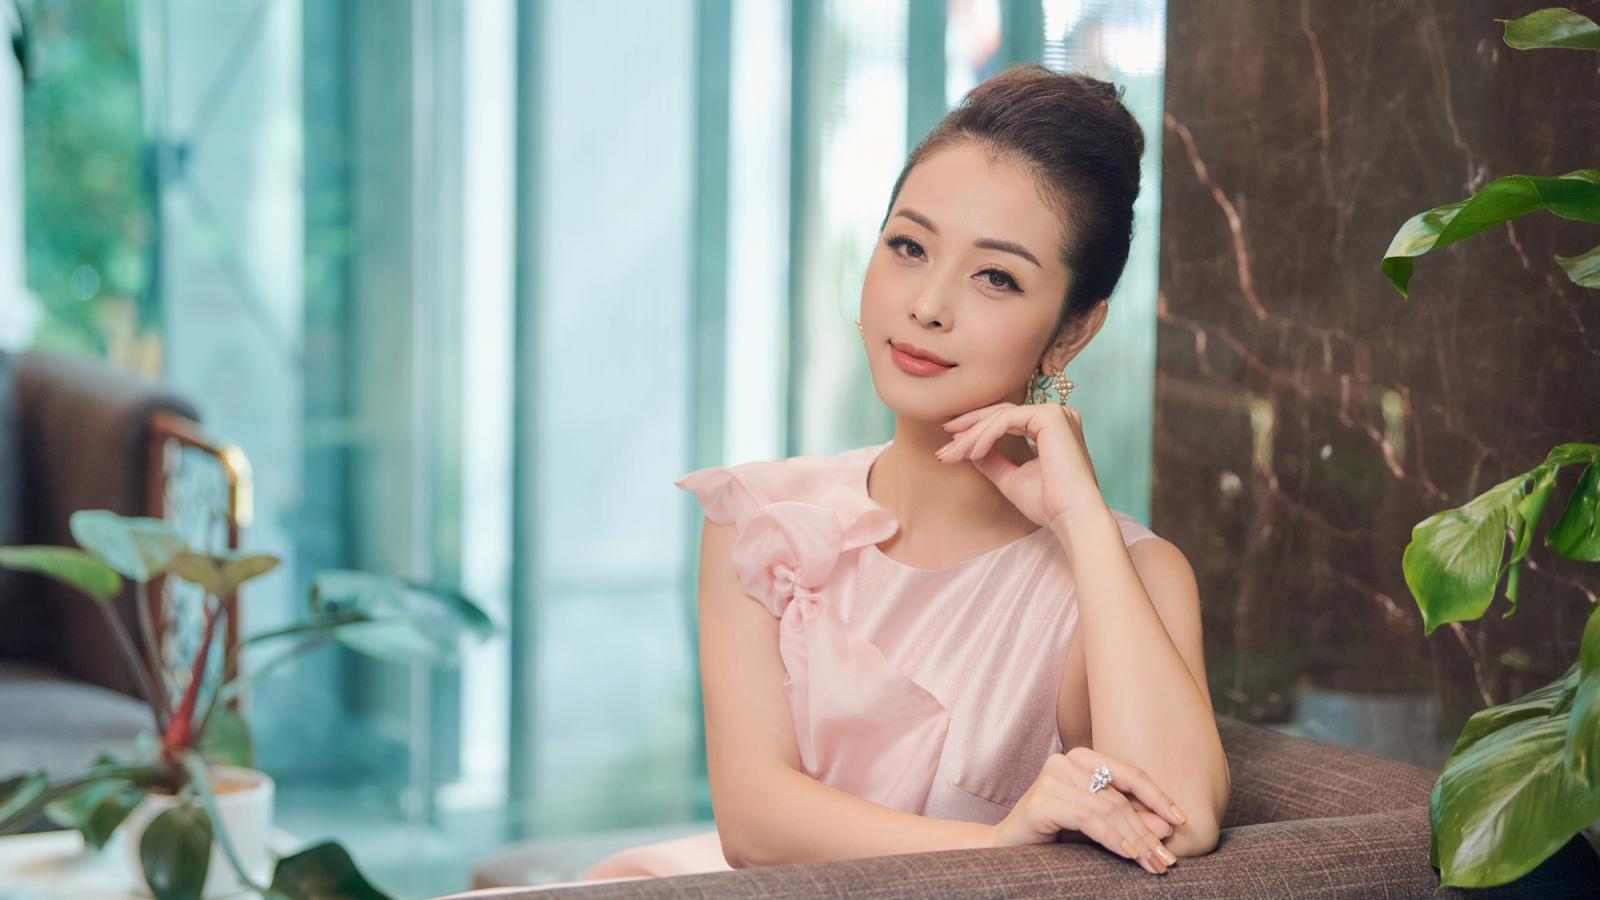 Jennifer Phạm trẻ trung, xinh đẹp trong đầm hồng công chúa